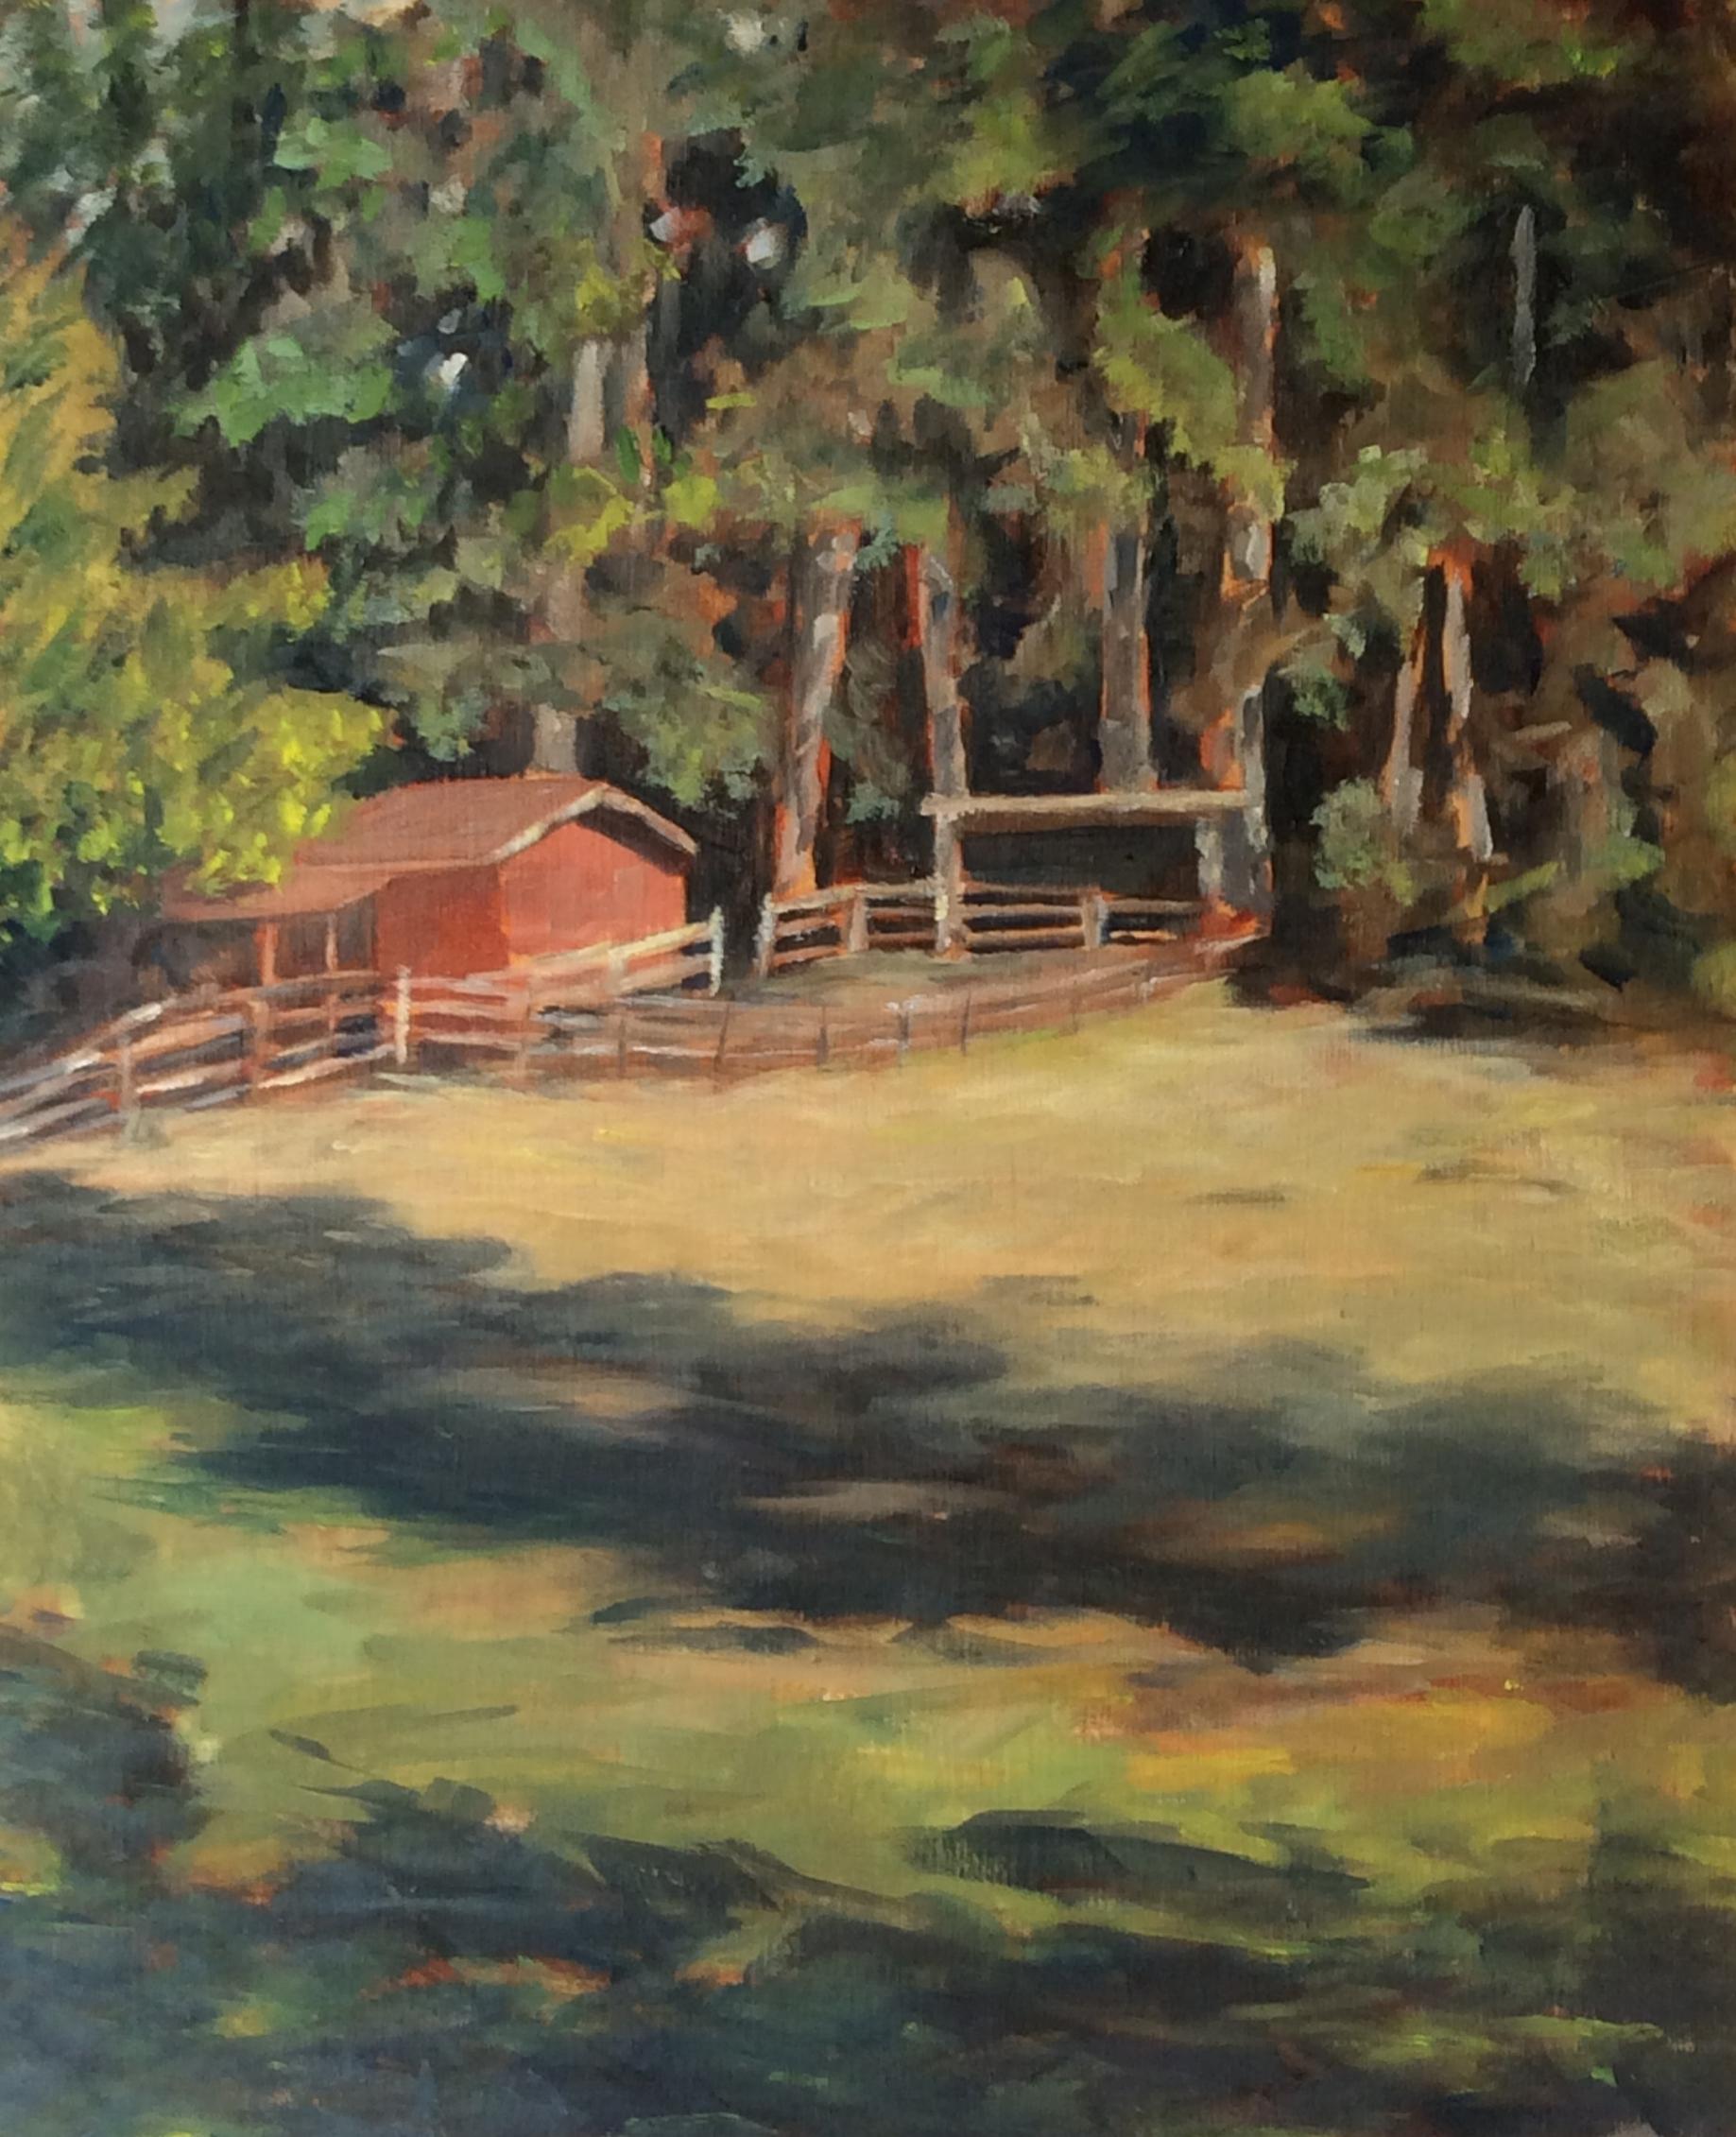 Frank's Farm   Oil 14 x 11